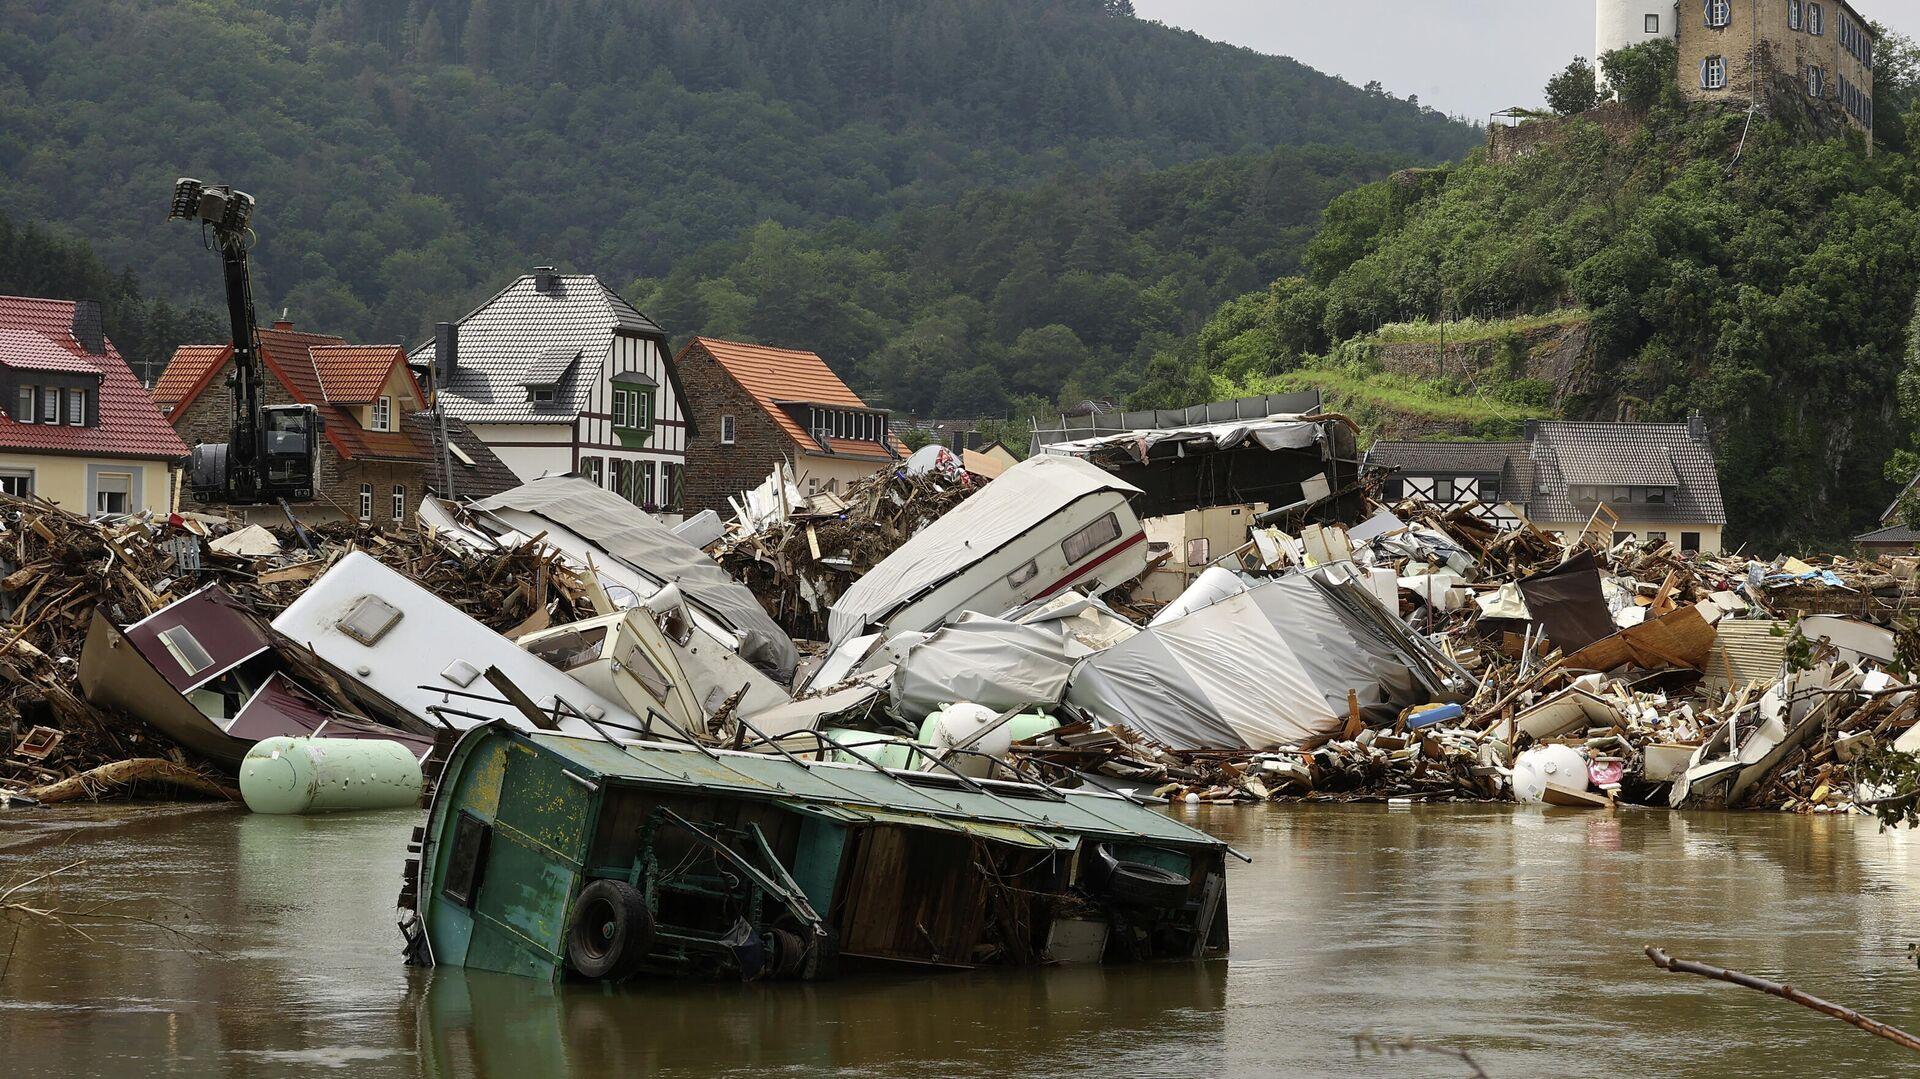 Hochwasser-Katastrophe in Deutschland im Juli 2021  - SNA, 1920, 10.09.2021